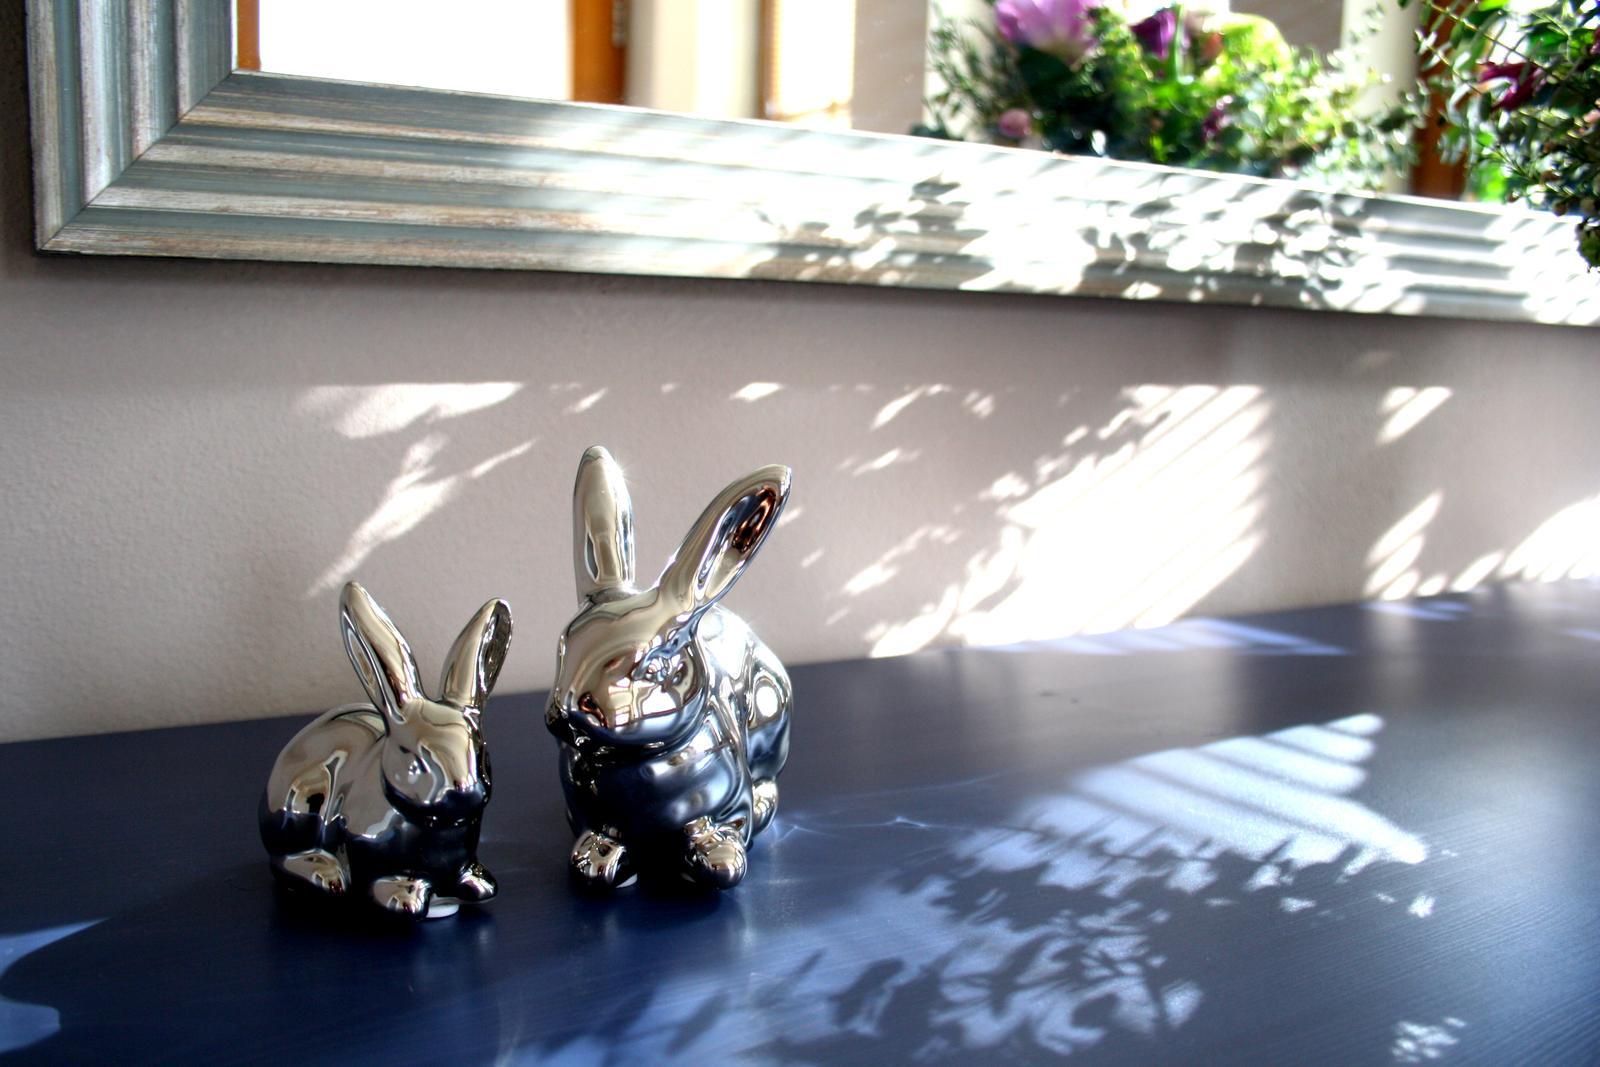 Jarne a letne aranzmany a dekoracie - detail zajacov na komode...na fotke vyzeraju trochu divne, ale v reale sa mi tam hodia...